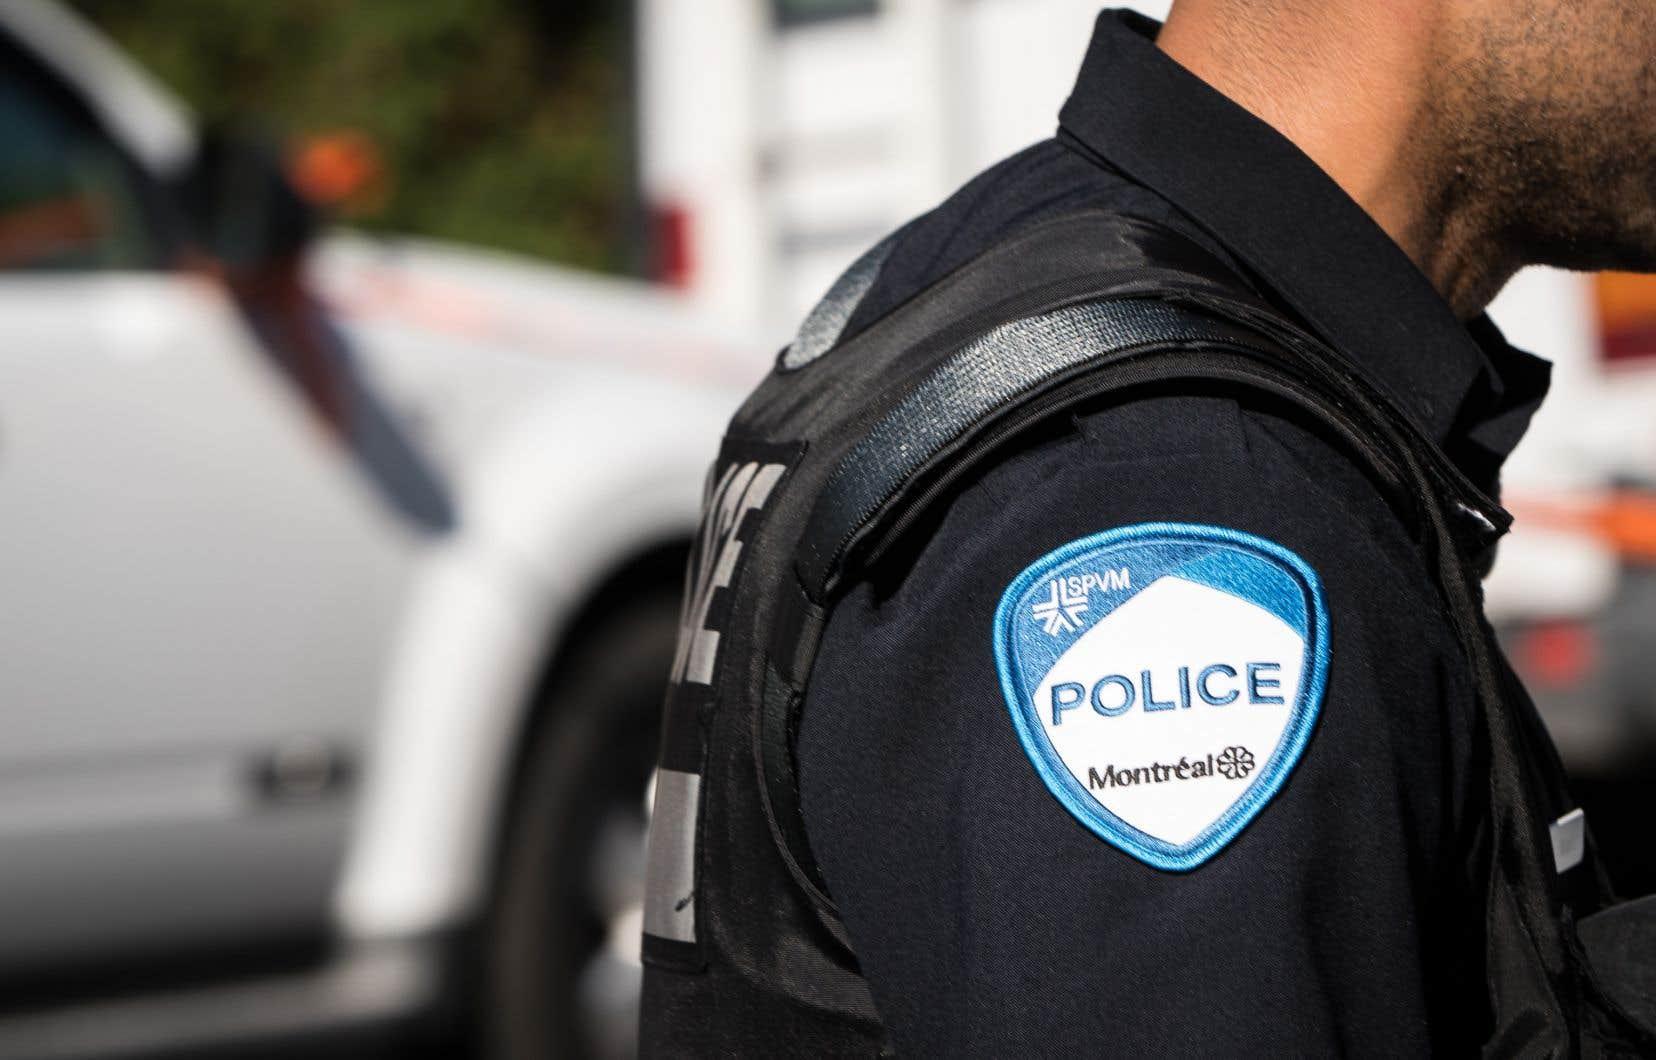 «Au Canada, un individu — qu'il soit témoin, suspect ou prévenu — n'a aucune obligation de répondre aux questions des policiers, si ce n'est que de s'identifier après une détention légitime», écrit l'auteur.